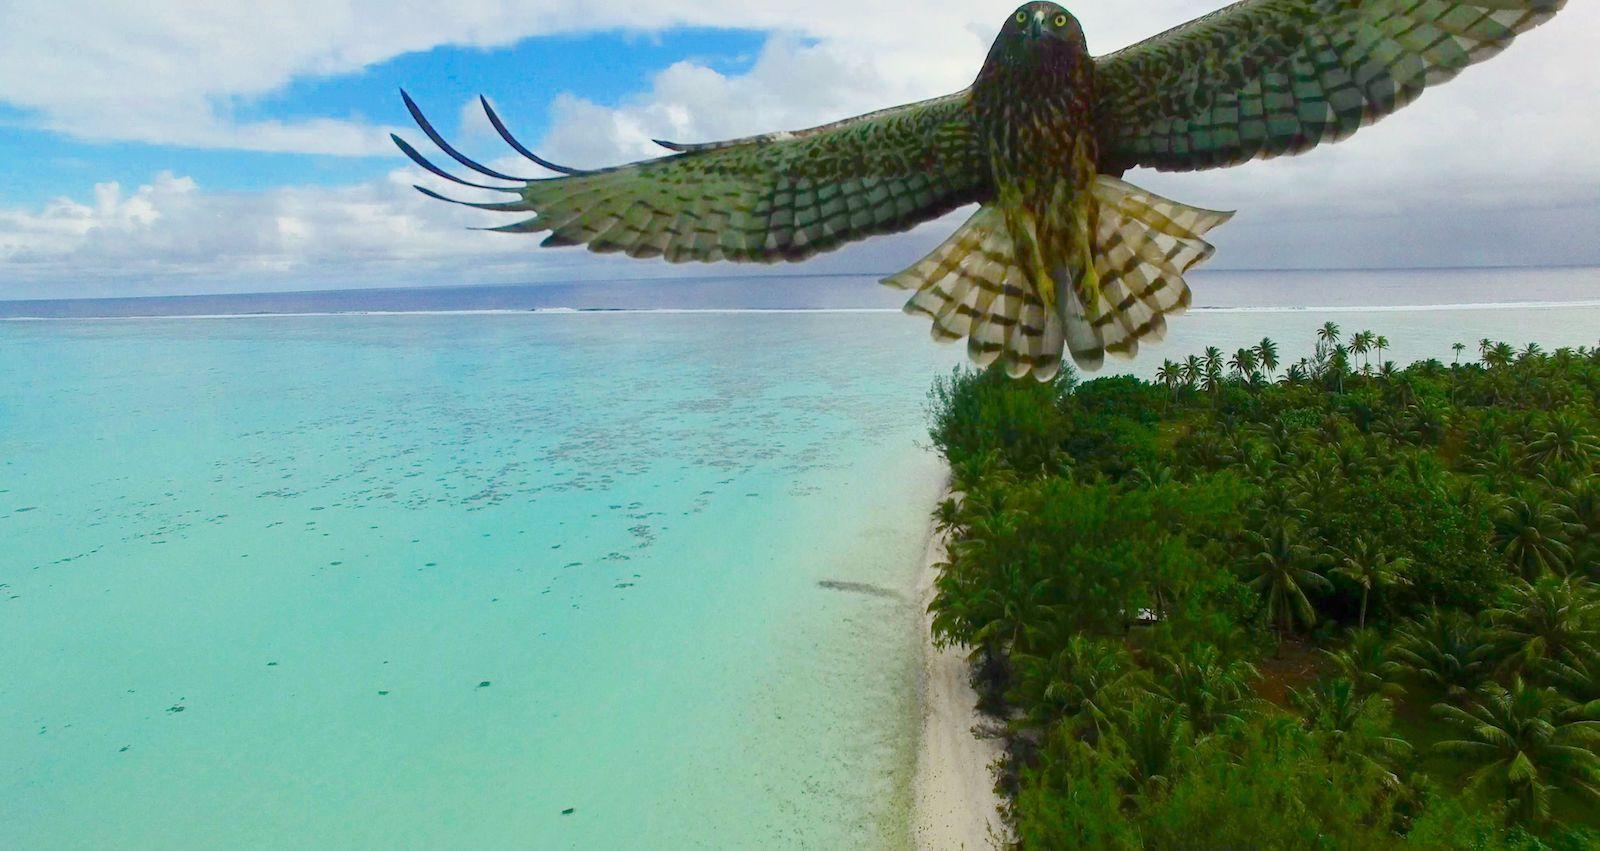 En iyi 19 drone fotoğrafı 5